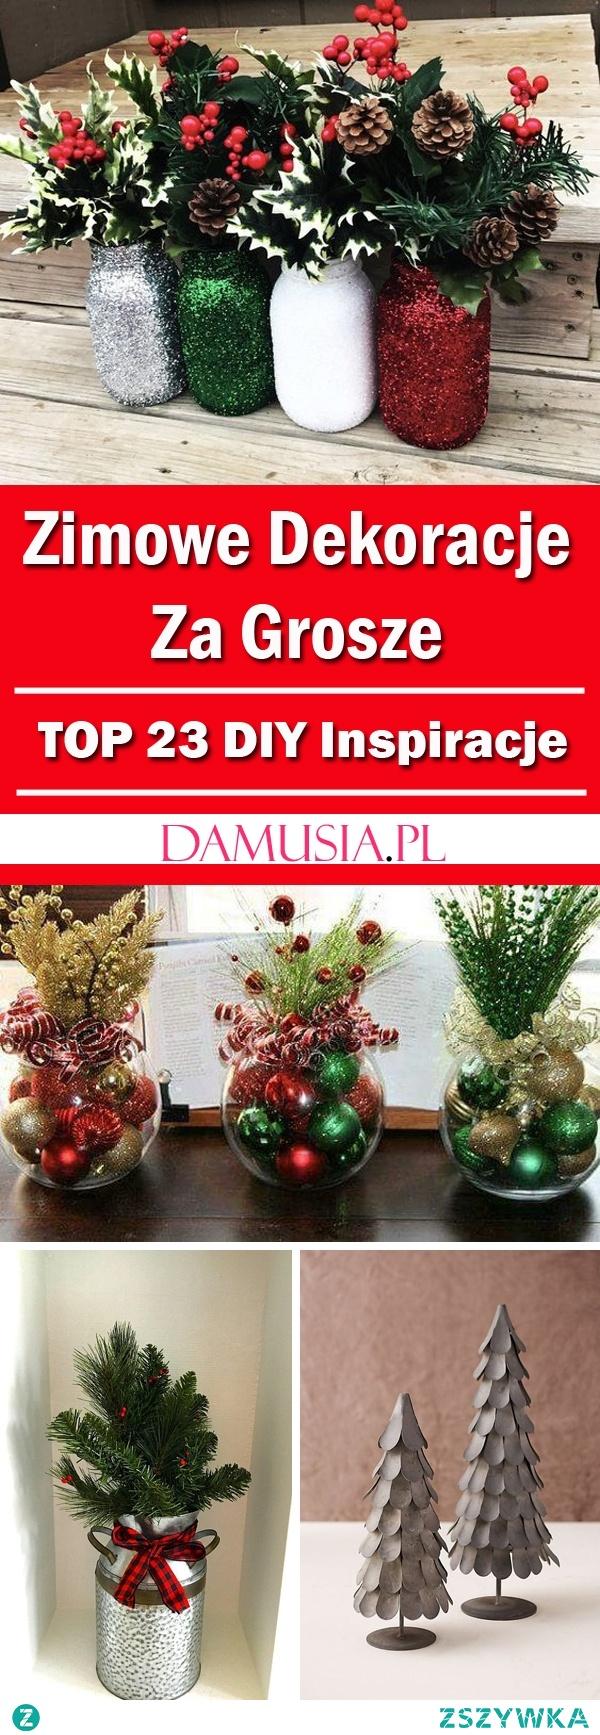 TOP 23 DIY Propozycje na Zimowe Dekoracje Za Grosze